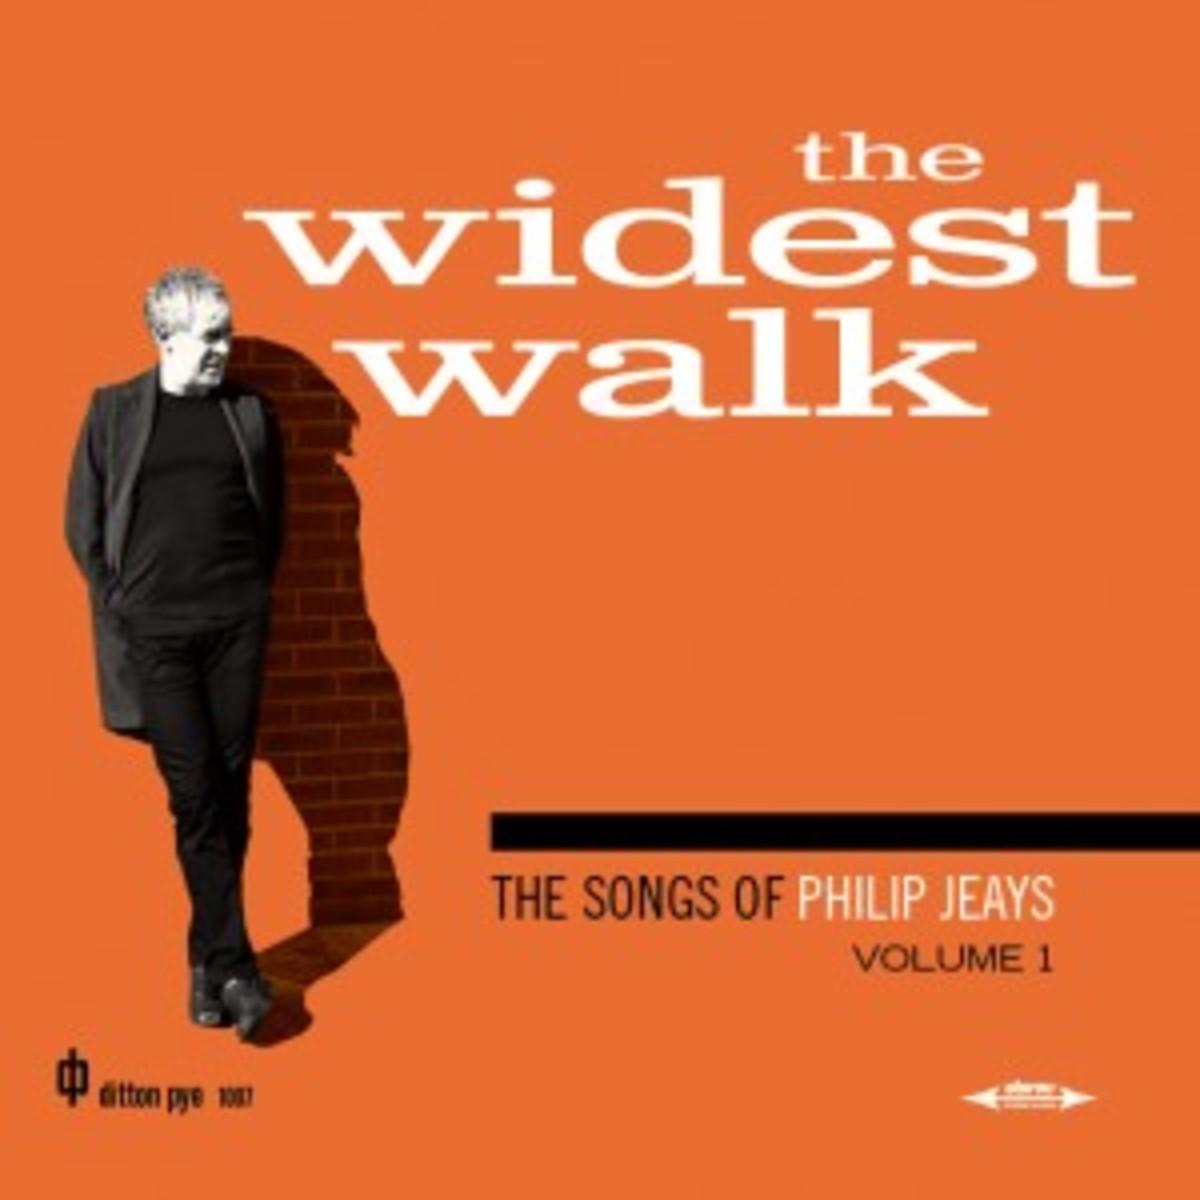 cd_the_wildest_walk